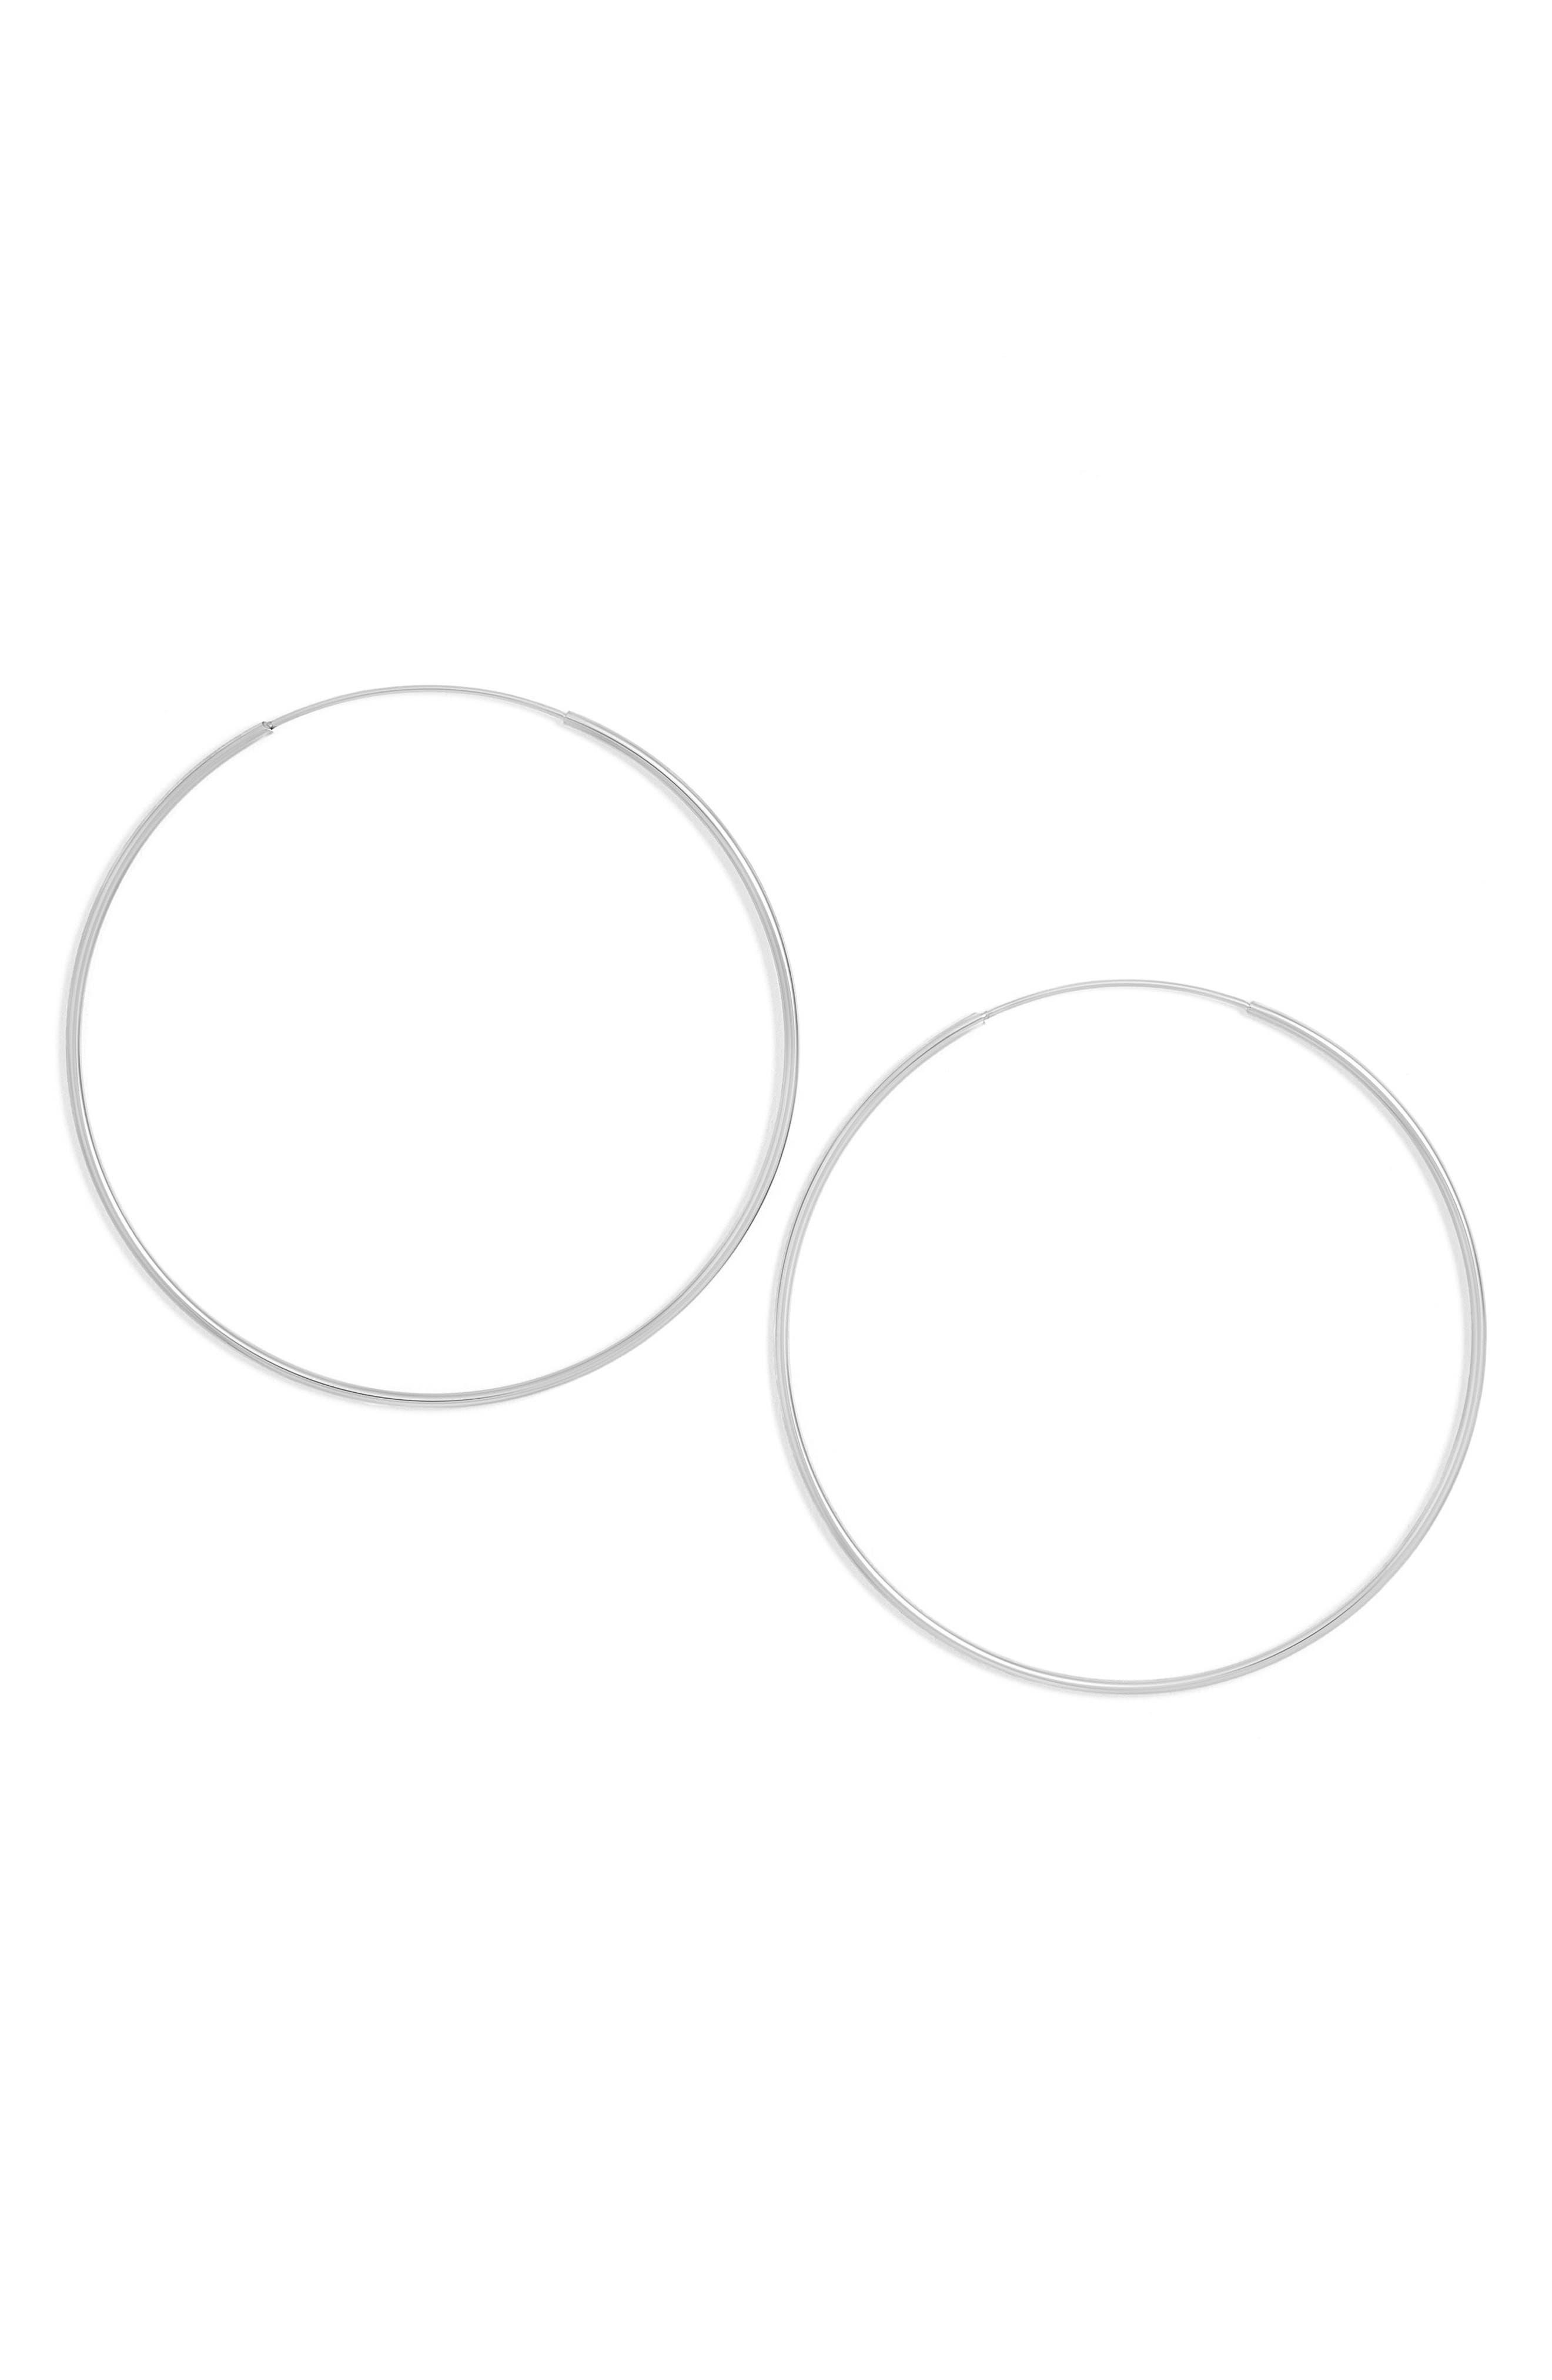 Starlet Hoop Earrings,                         Main,                         color, Silver